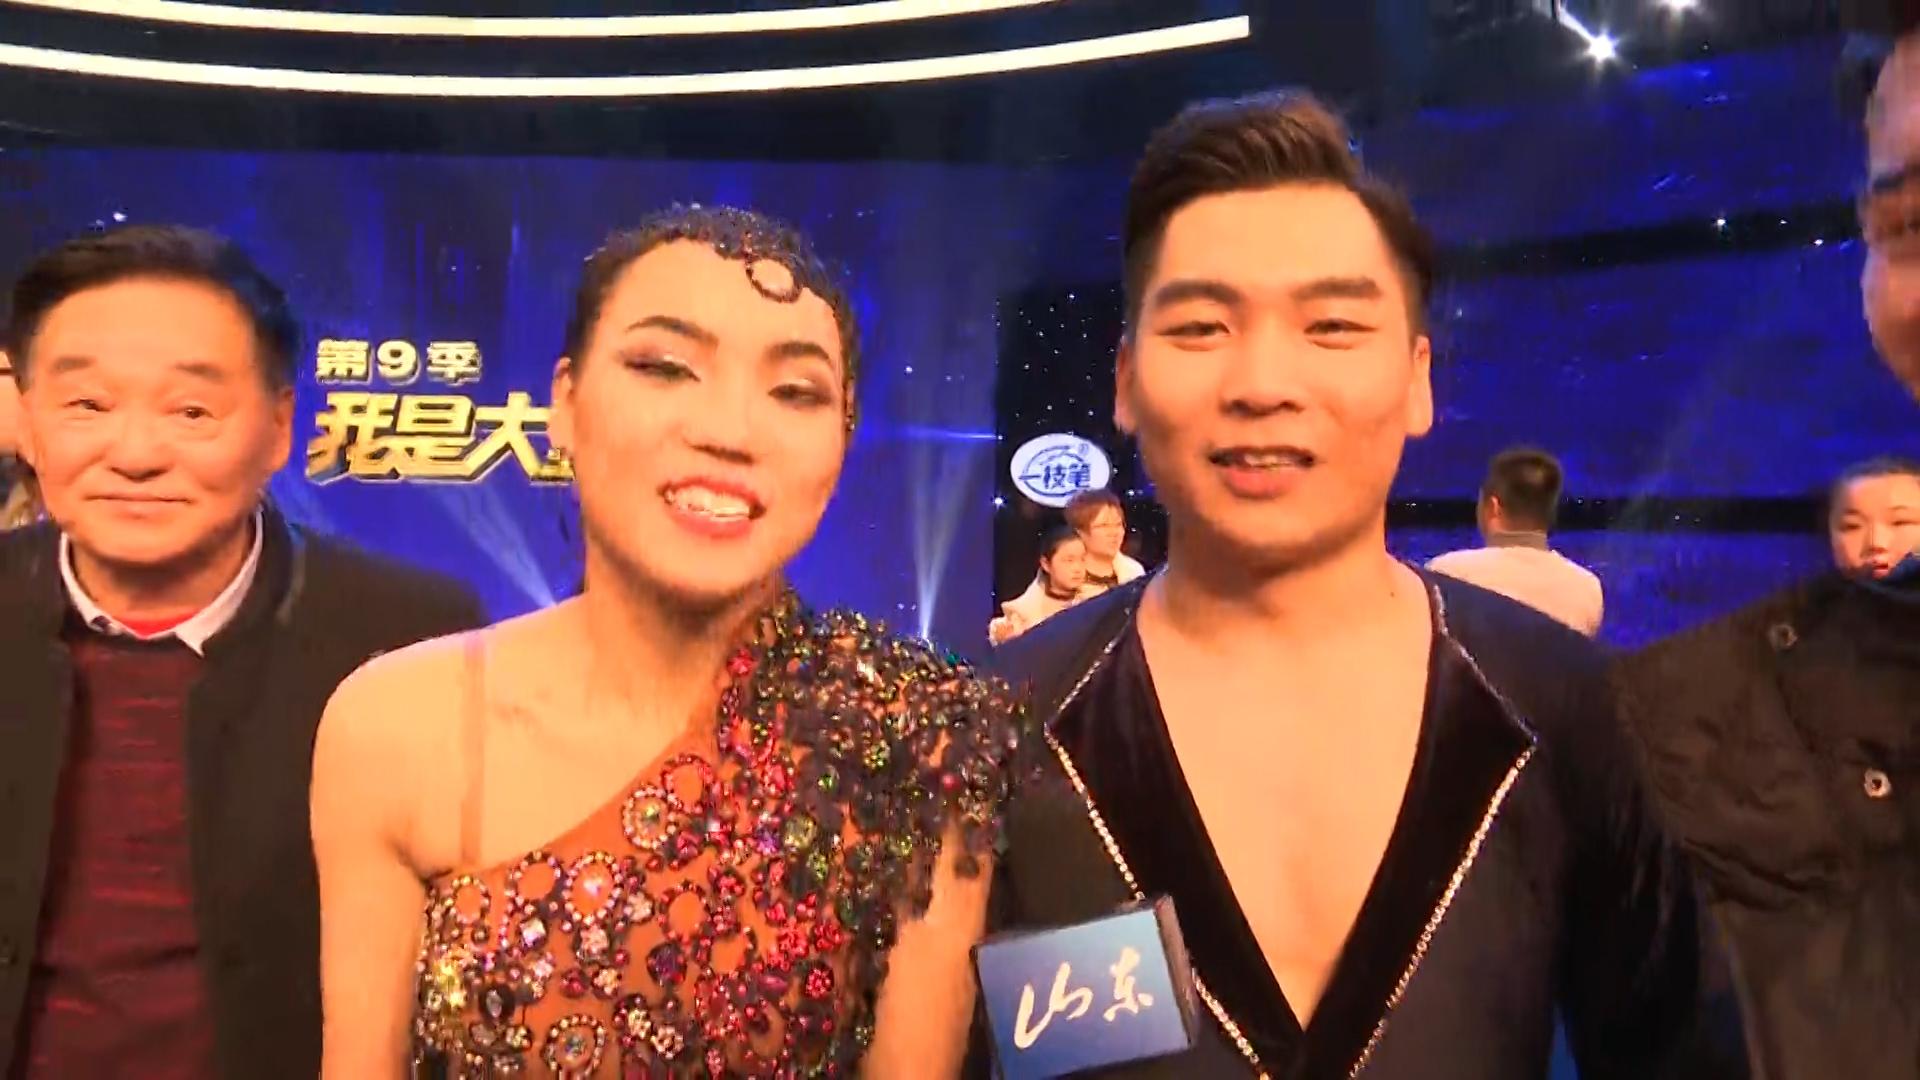 夫妻档梦之舞组合摘《我是大明星》第九季冠军 直言:万万没想到!